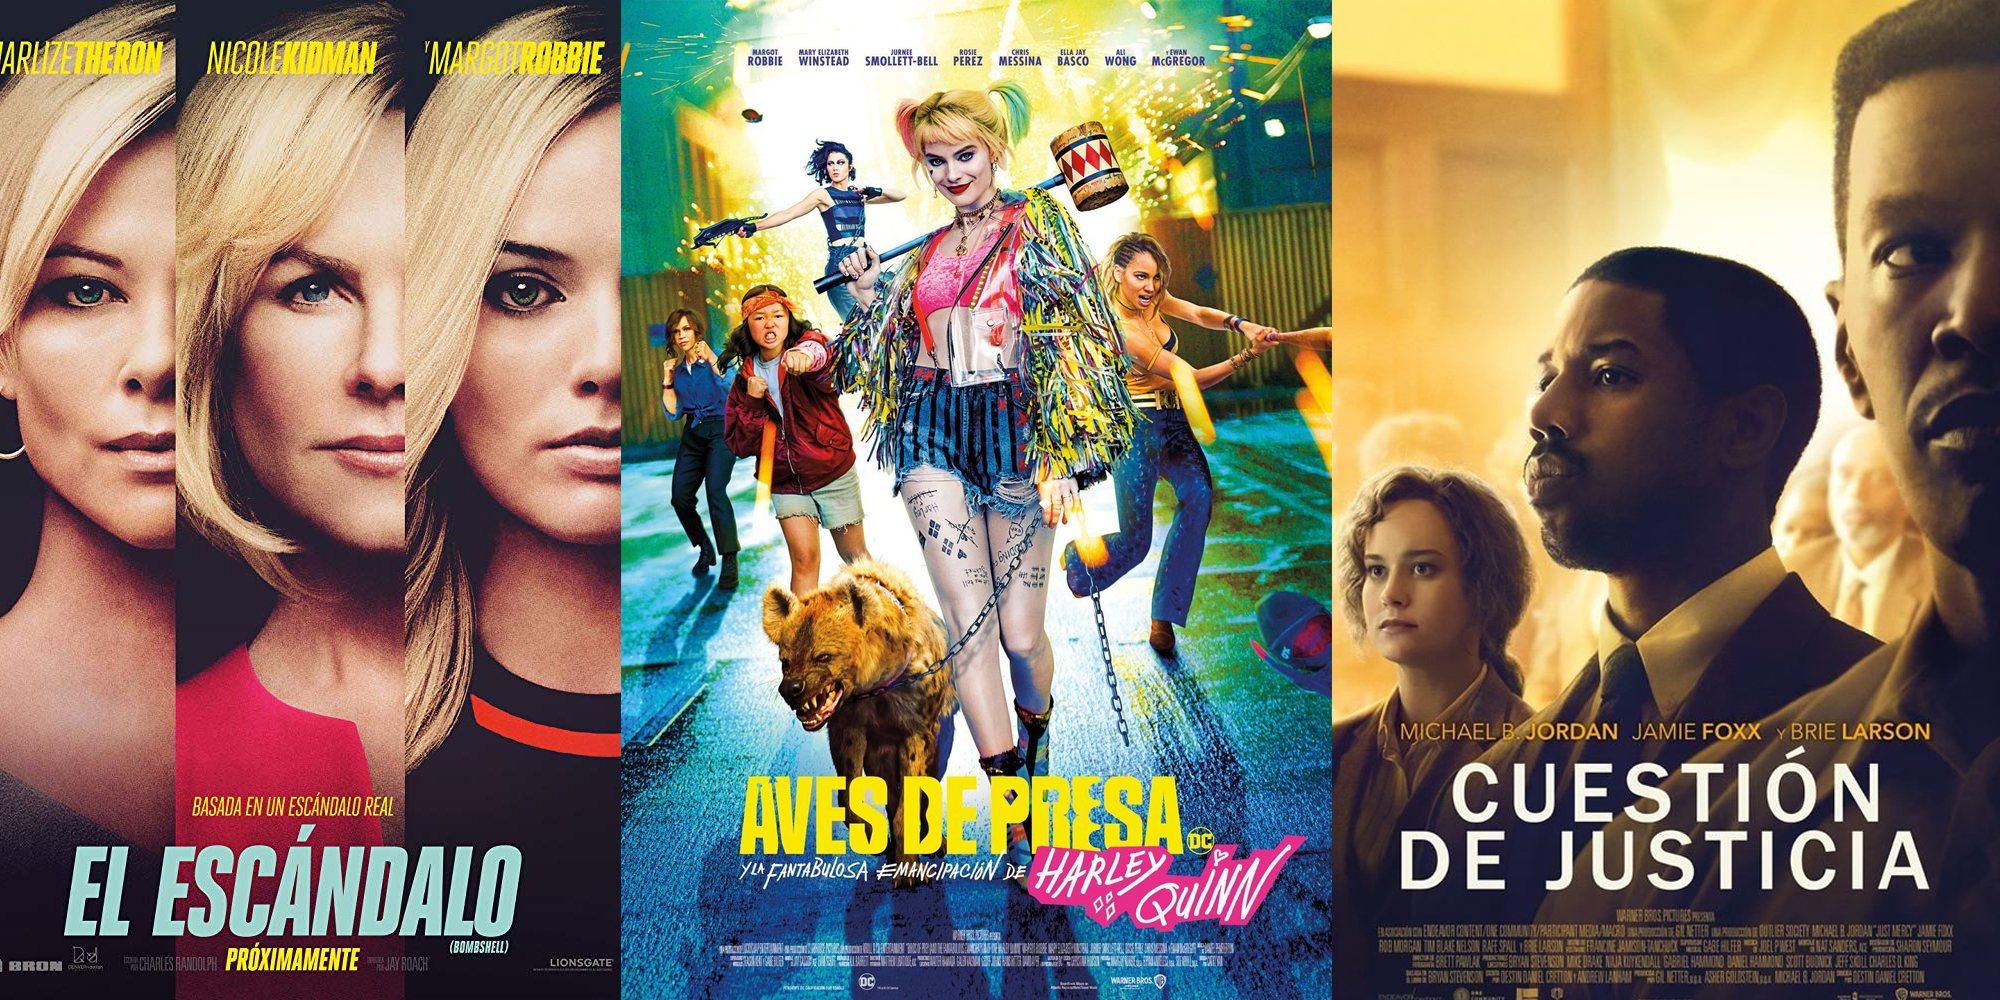 Las 5 películas más esperadas de febrero de 2020